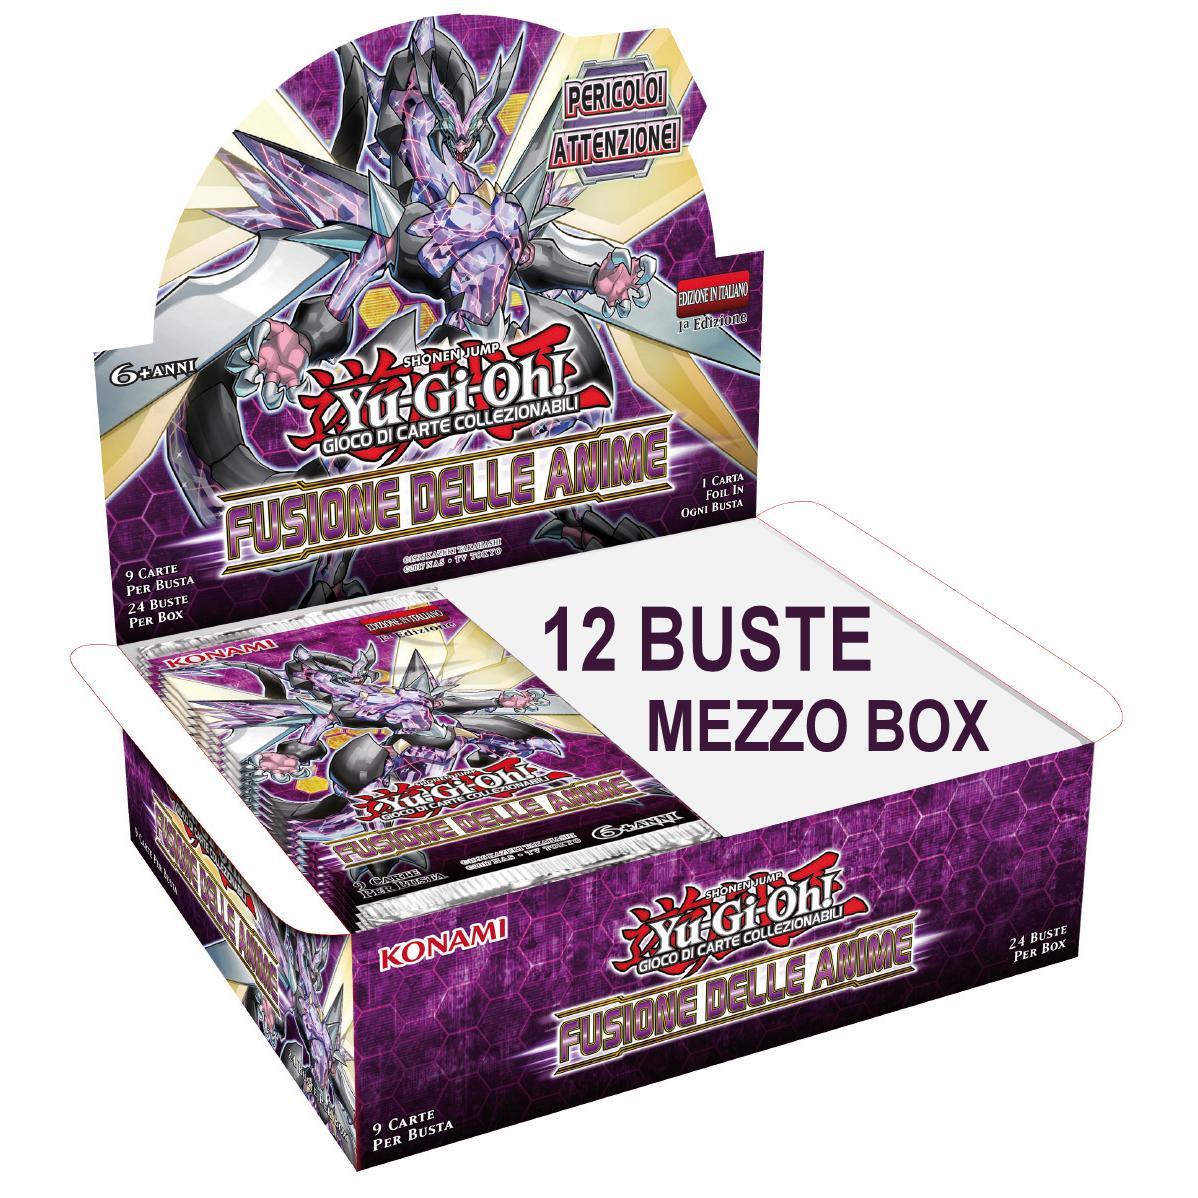 FUSIONE DELLE ANIME - MEZZO BOX 12 BUSTE ITA